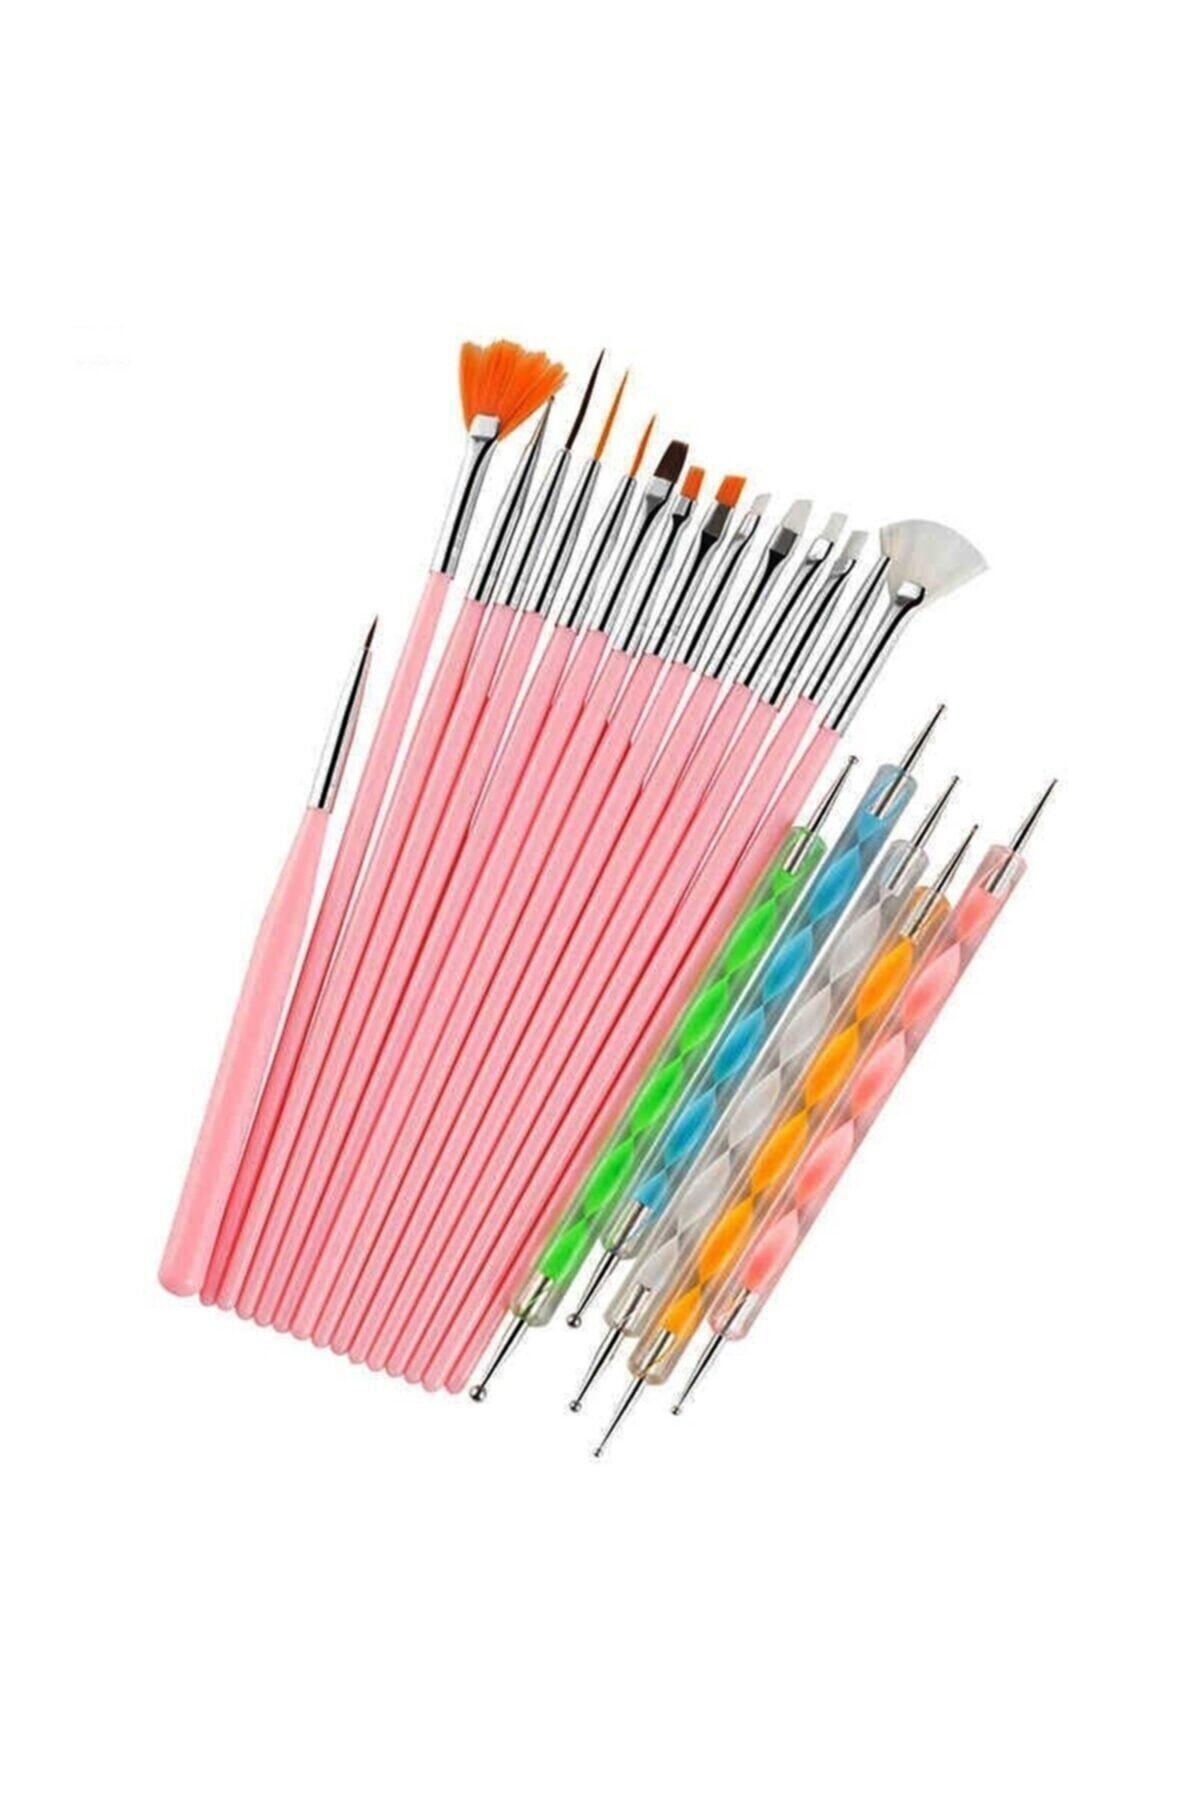 Nail Art Tırnak Süsleme Desen Fırça 15'li  Ve Dot Kalem Seti 5'li  20 Parça